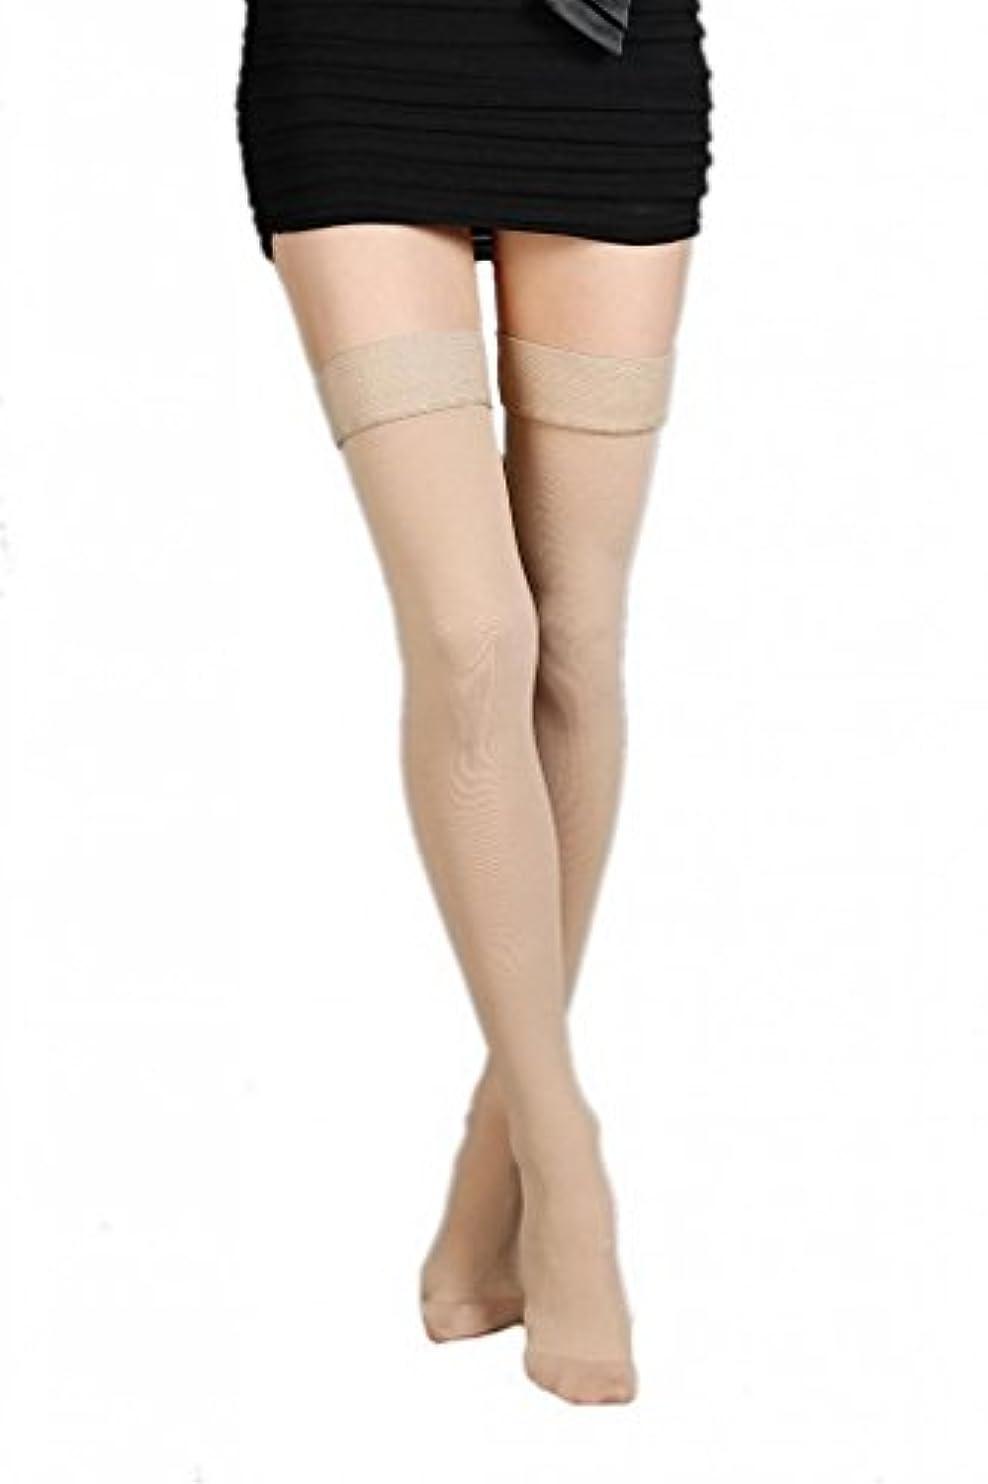 常に誇張する十代(ラボーグ)La Vogue 美脚 着圧オーバーニーソックス ハイソックス 靴下 弾性ストッキング つま先あり着圧ソックス S 1級低圧 肌色